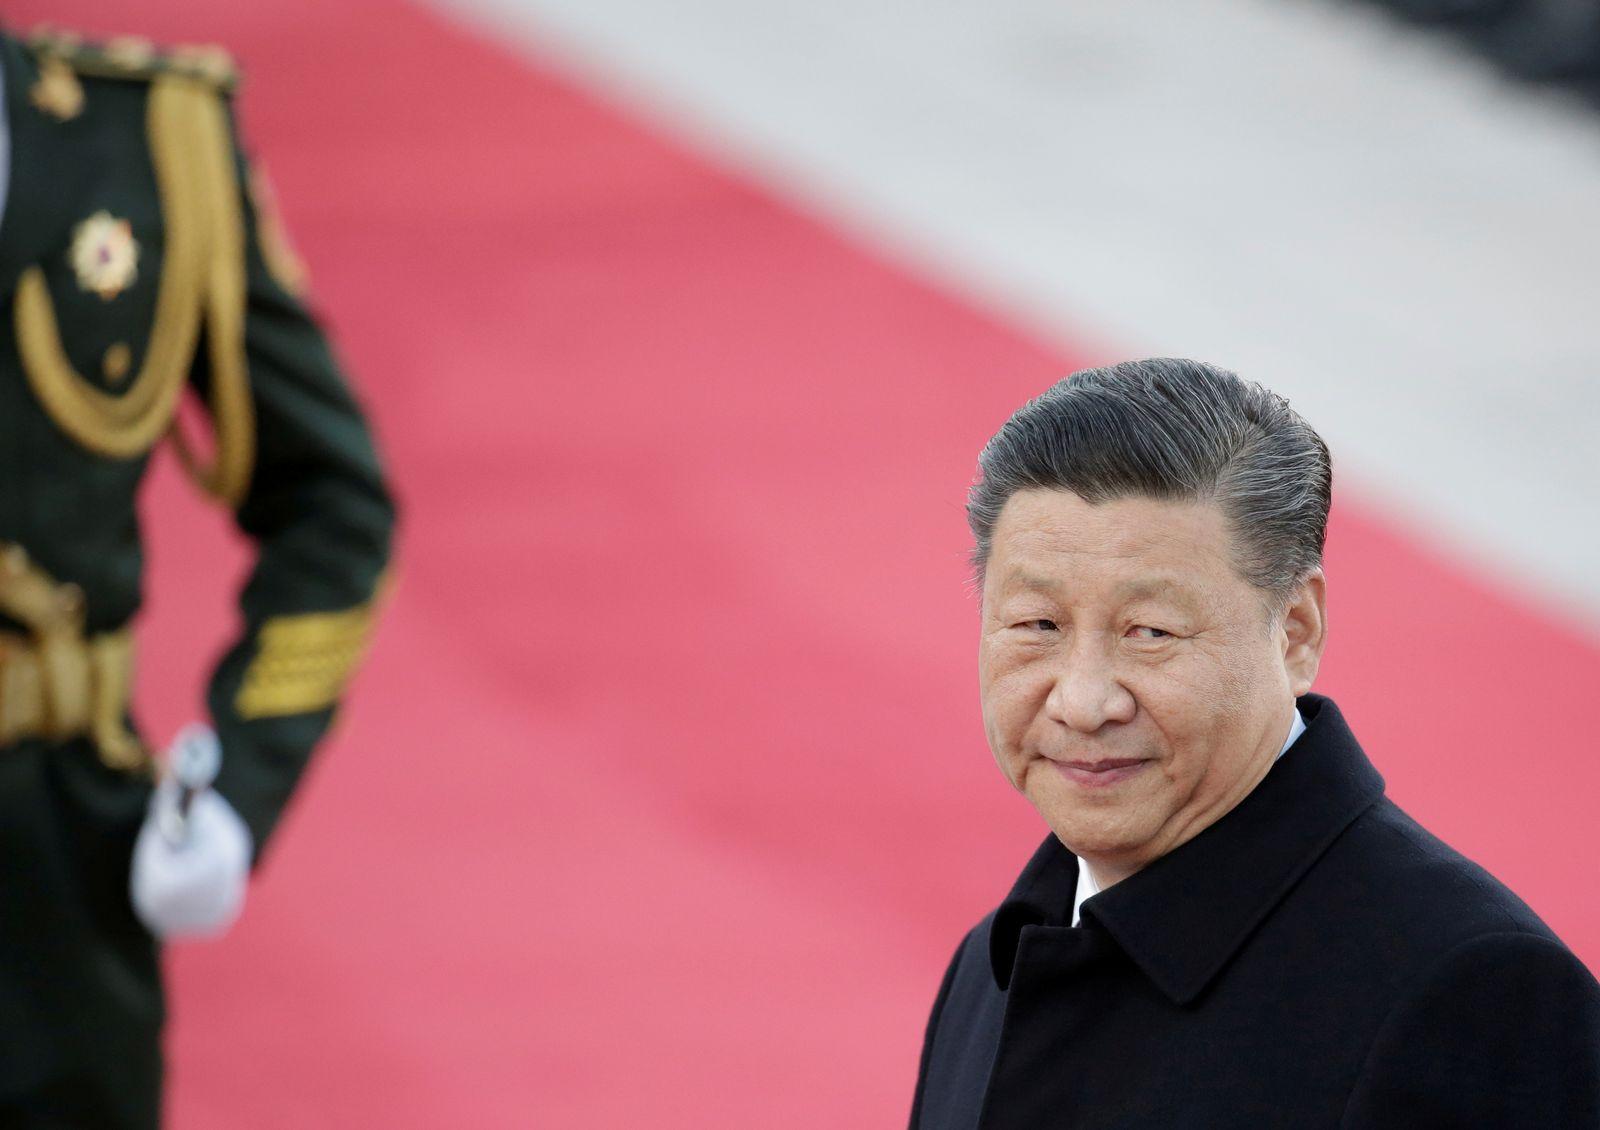 CHINA-POLITICS/PLENUM -lage